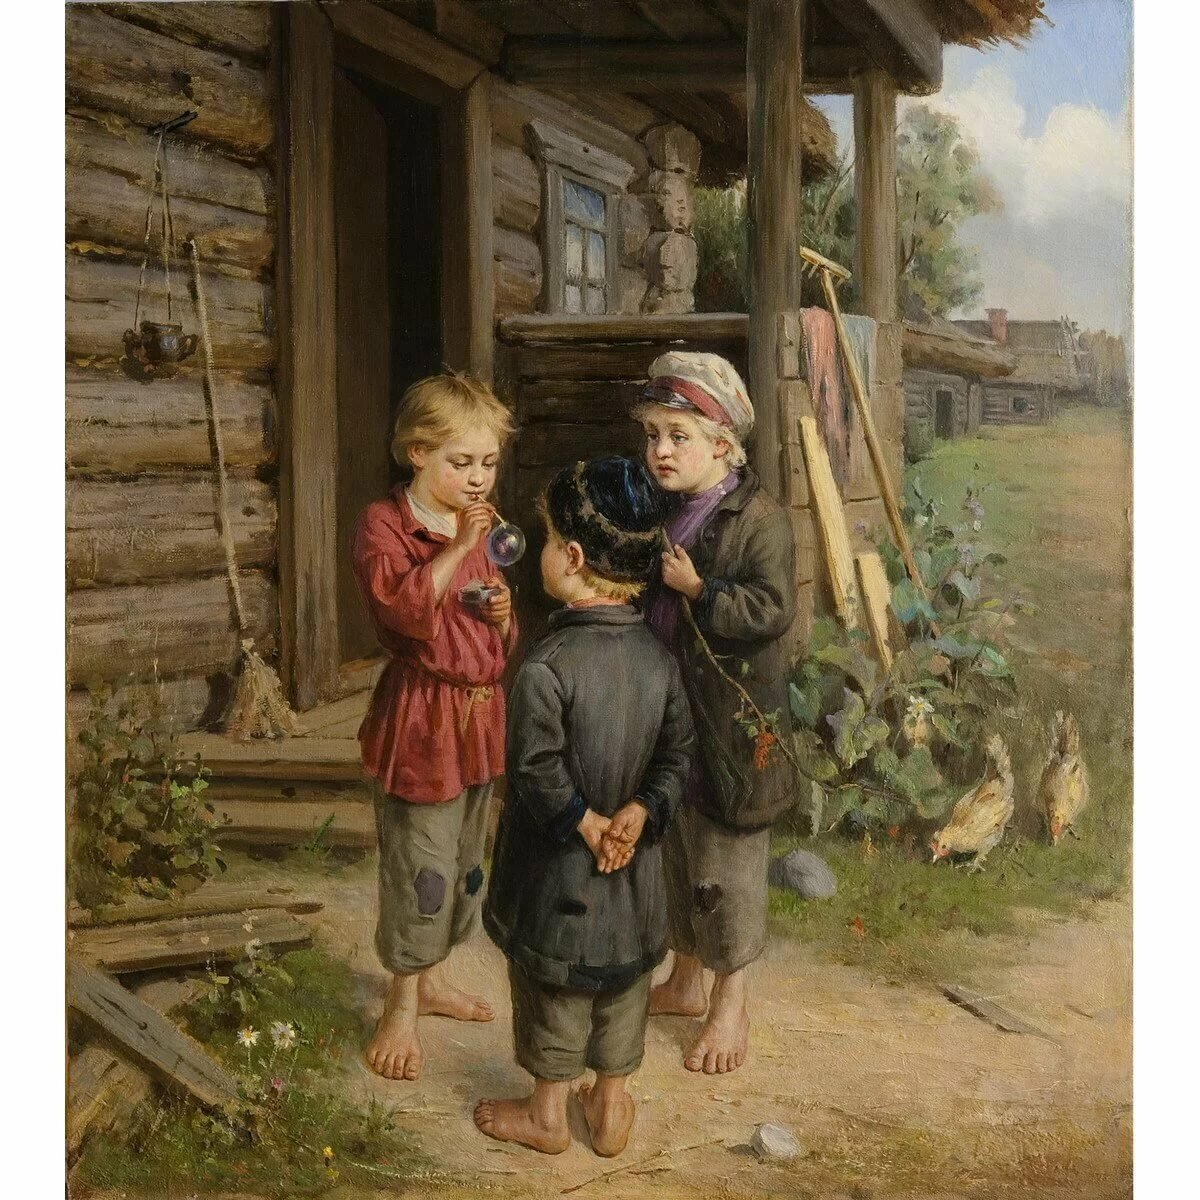 РУССКИЙ ЖИВОПИСЕЦ ГОРОХОВ ИВАН ЛАВРЕНТЬЕВИЧ (1863-1934) Art